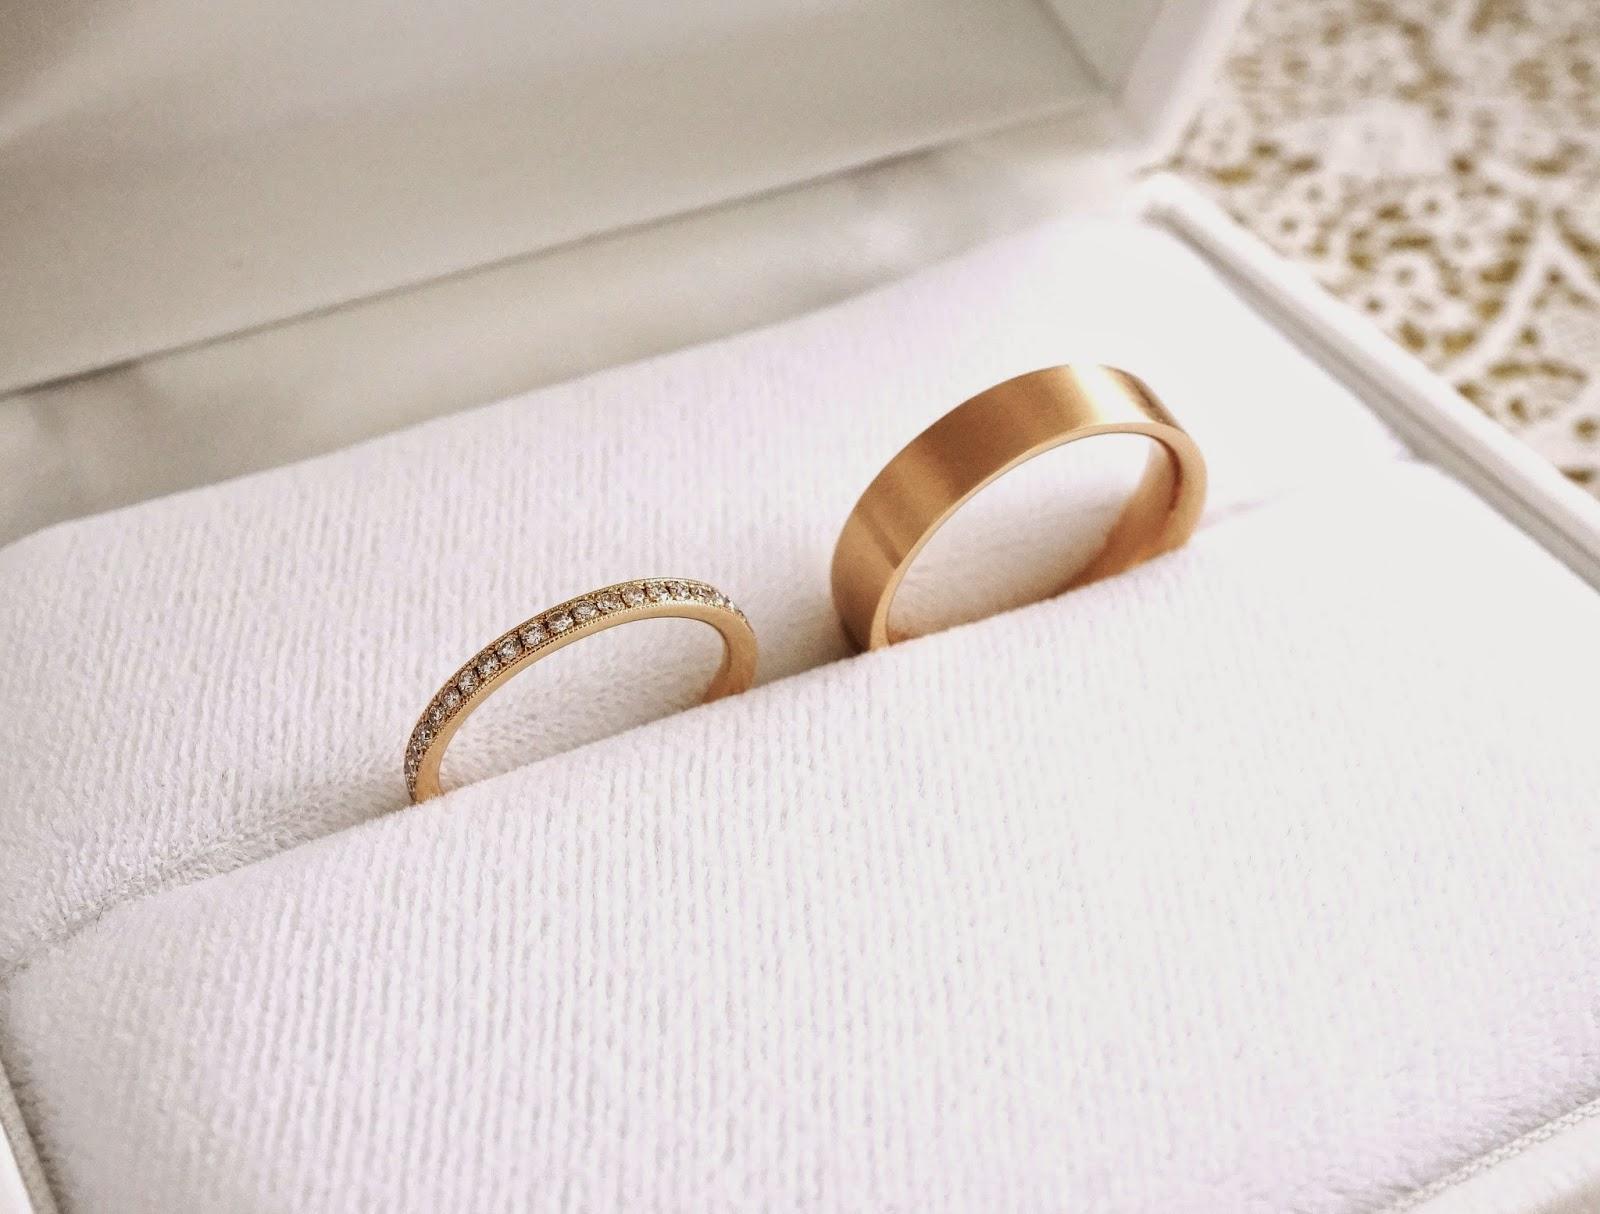 マリッジリング(結婚指輪)は銀座一丁目オーダージュエリーサロンでセミオーダーしました。